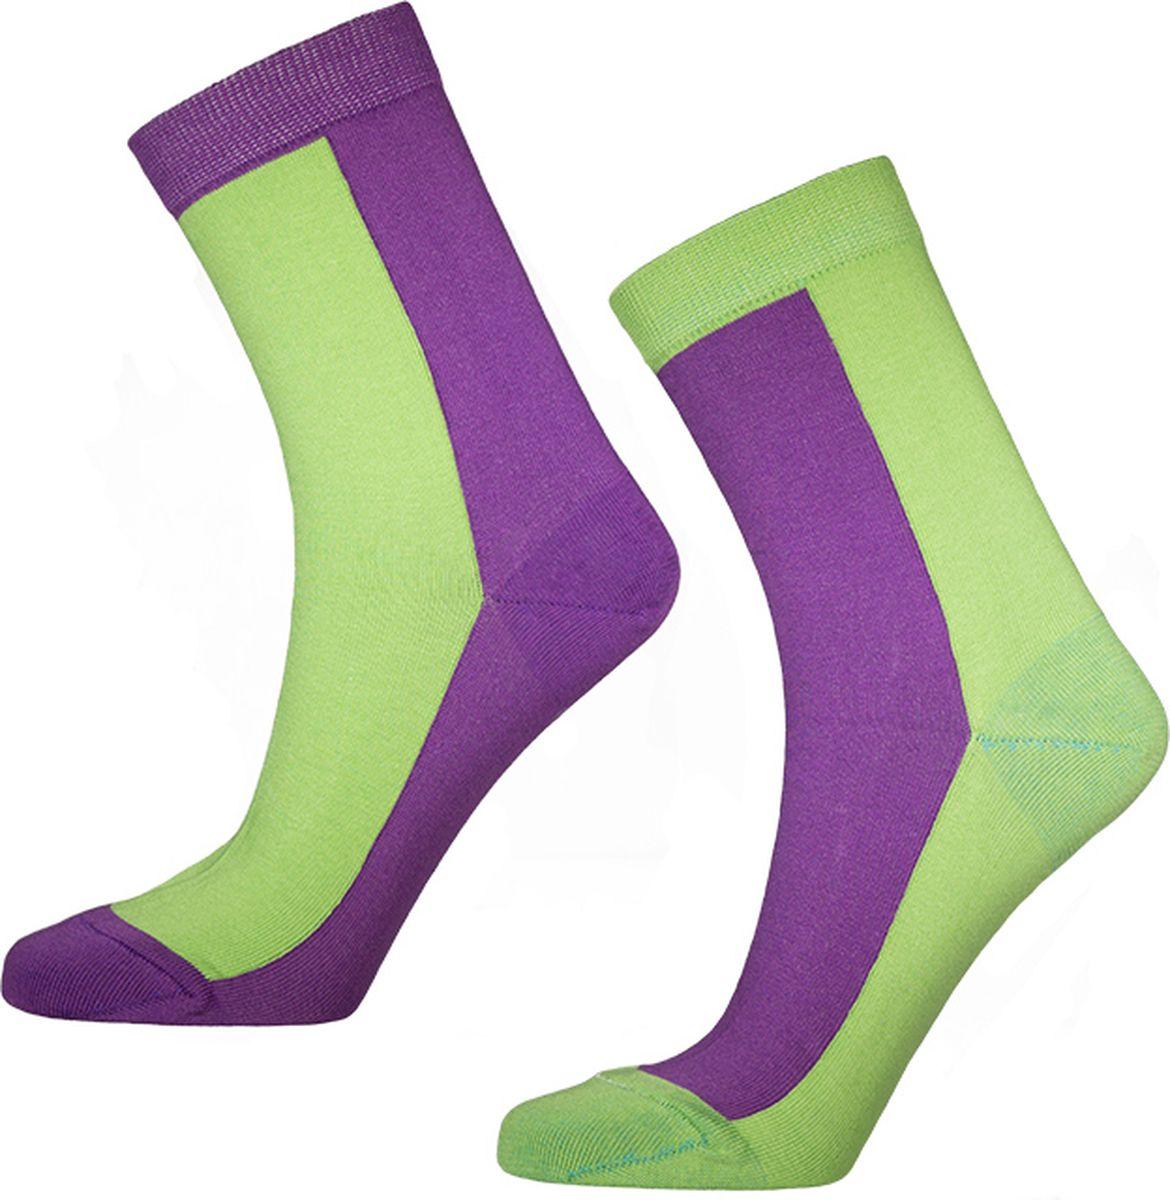 Носки мужские Big Bang Socks, цвет: фиолетовый, салатовый, 2 пары. d461. Размер 40/44d461Яркие носки Big Bang Socks изготовлены из высококачественного хлопка с добавлением полиамидных и эластановых волокон, которые обеспечивают великолепную посадку. Носки отличаются ярким стильным дизайном. На правом и левом носке рисунки не симметричены.Удобная резинка идеально облегает ногу и не пережимает сосуды, усиленныепятка и мысок повышают износоустойчивость носка, а удлиненный паголенокпридает более эстетичный вид. Дизайнерские носки Big Bang Socks - яркая деталь в вашем образе и оригинальныйподарок для друзей и близких.В комплекте две пары носков.